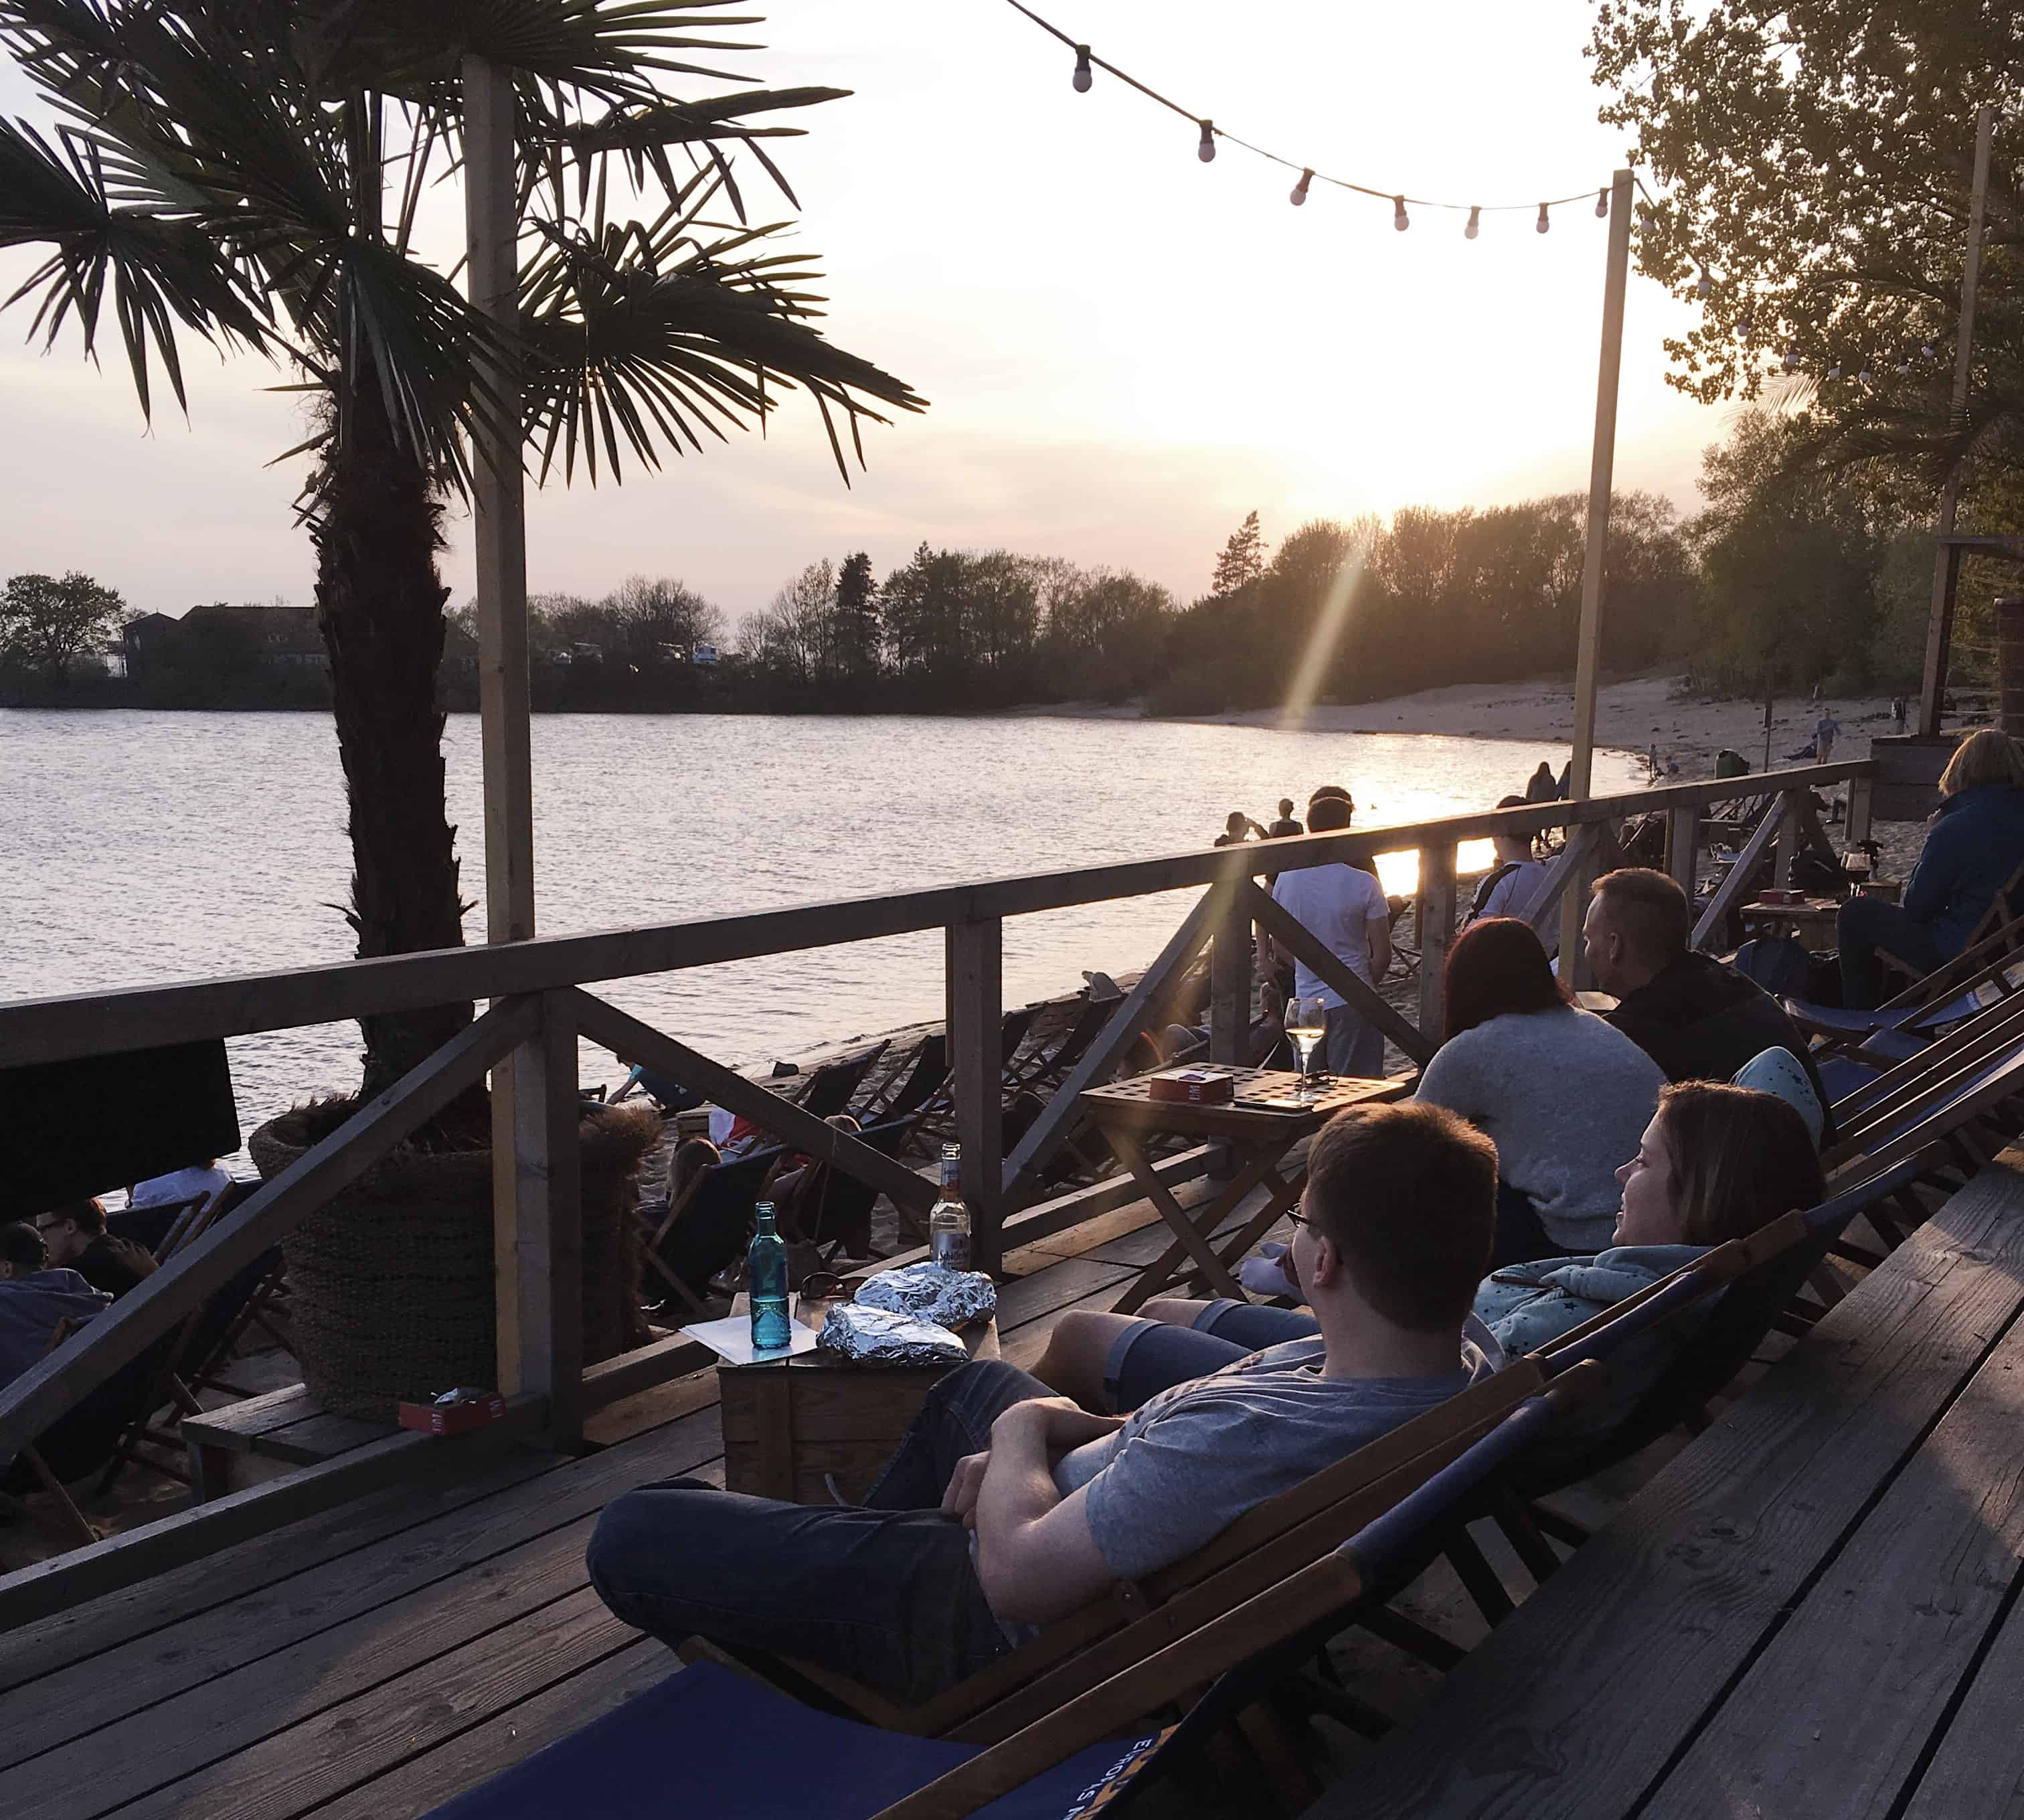 A beach bar in Hamburg, Germany at sunset